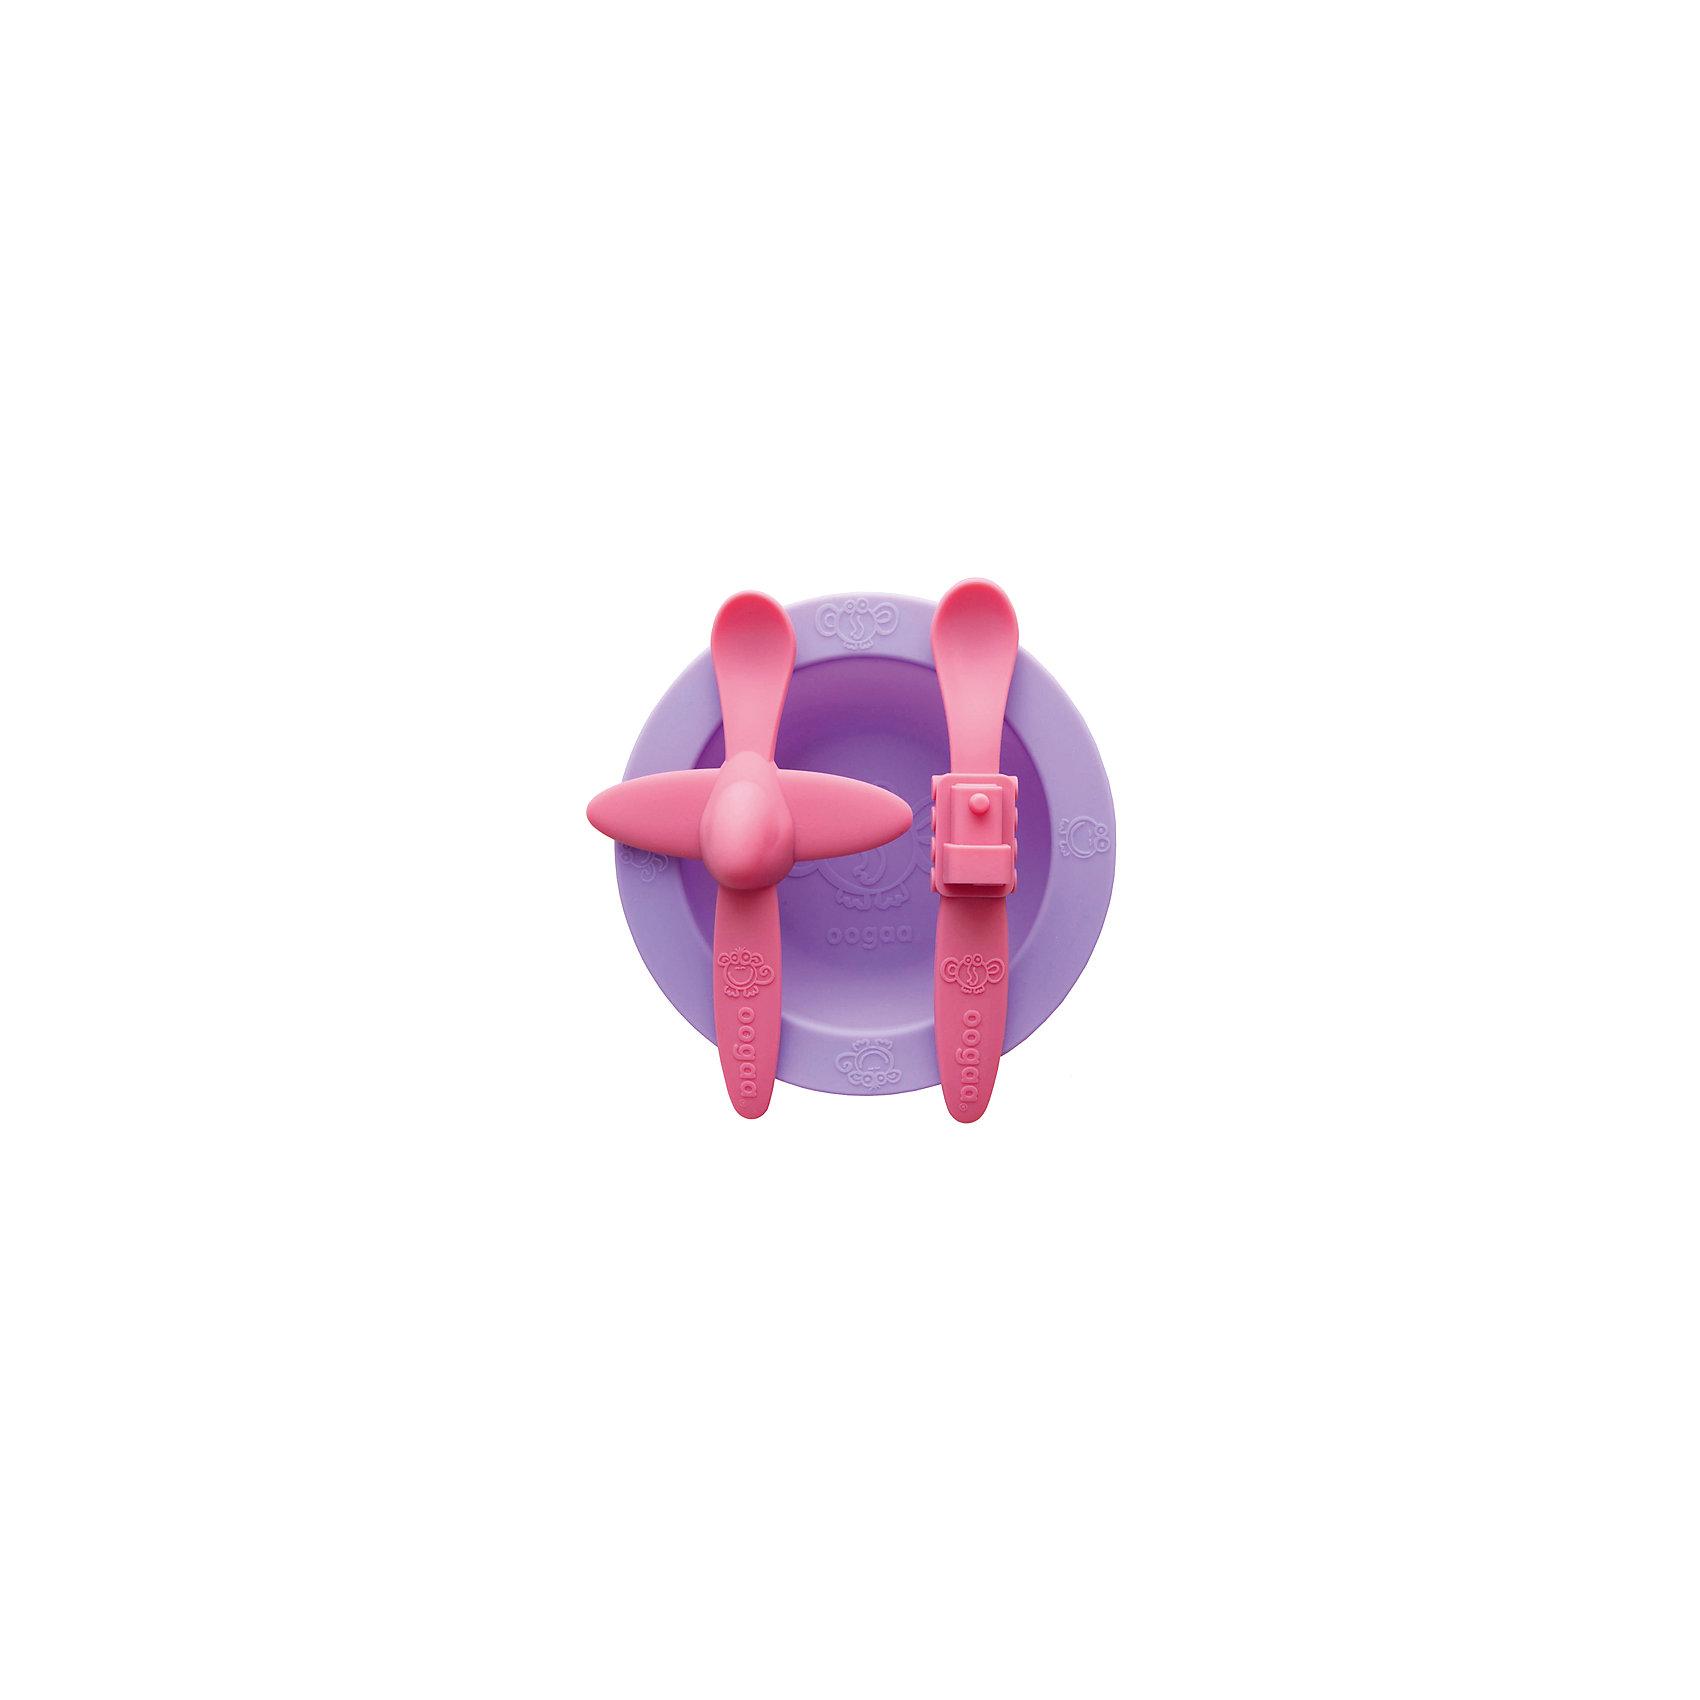 Набор посуды, Oogaa, сиреневыйВ ярком Наборе посуды: тарелка, ложка Самолет, ложка Поезд из силикона есть фиолетовая тарелка, ложка розового цвета с самолетом посередине ручки, а также розовая ложка с поездом на рукоятке. Комплект из двух ложек будет очень удобен в поездках и на прогулках, например, если Ваш малыш уронит одну ложечку, то в запасе всегда будет вторая. С набором удобной посуды ребенку будет весело кушать, и он с удовольствием будет ждать новой порции от поезда и самолетика!<br><br>Характеристики:<br>-Изготовлены из высококачественного нетоксичного силикона, который не имеет запаха и вкуса, не выделяют химических веществ, не способствуют распространению бактерий<br>-Подходят для ручной мойки, посудомоечных машин и стерилизаторов, микроволновой печи<br>-Не имеют острых углов, не травмируют десны малыша <br>-Выполнены в ярком цвете и необычном дизайне, что позволяет превратить обычные завтрак или обед в забавную игру<br><br>Комплектация: фиолетовая тарелка, розовая ложка в форме самолета, розовая ложка в форме поезда<br><br>Дополнительная информация:<br>-Цвет: фиолетовый, розовый<br>-Размеры ложек: 18 см<br>-Размеры тарелки: 265 мл <br>-Вес в упаковке: 354 г<br>-Материалы: силикон<br><br>Набор силиконовой посуды в ярком и необычном дизайне поможет Вам занять ребенка, превратив кормление малыша в веселое приключение! <br><br>Набор посуды: тарелка, ложка Самолет, ложка Поезд можно купить в нашем магазине.<br><br>Ширина мм: 275<br>Глубина мм: 205<br>Высота мм: 31<br>Вес г: 354<br>Возраст от месяцев: 3<br>Возраст до месяцев: 36<br>Пол: Унисекс<br>Возраст: Детский<br>SKU: 4053704